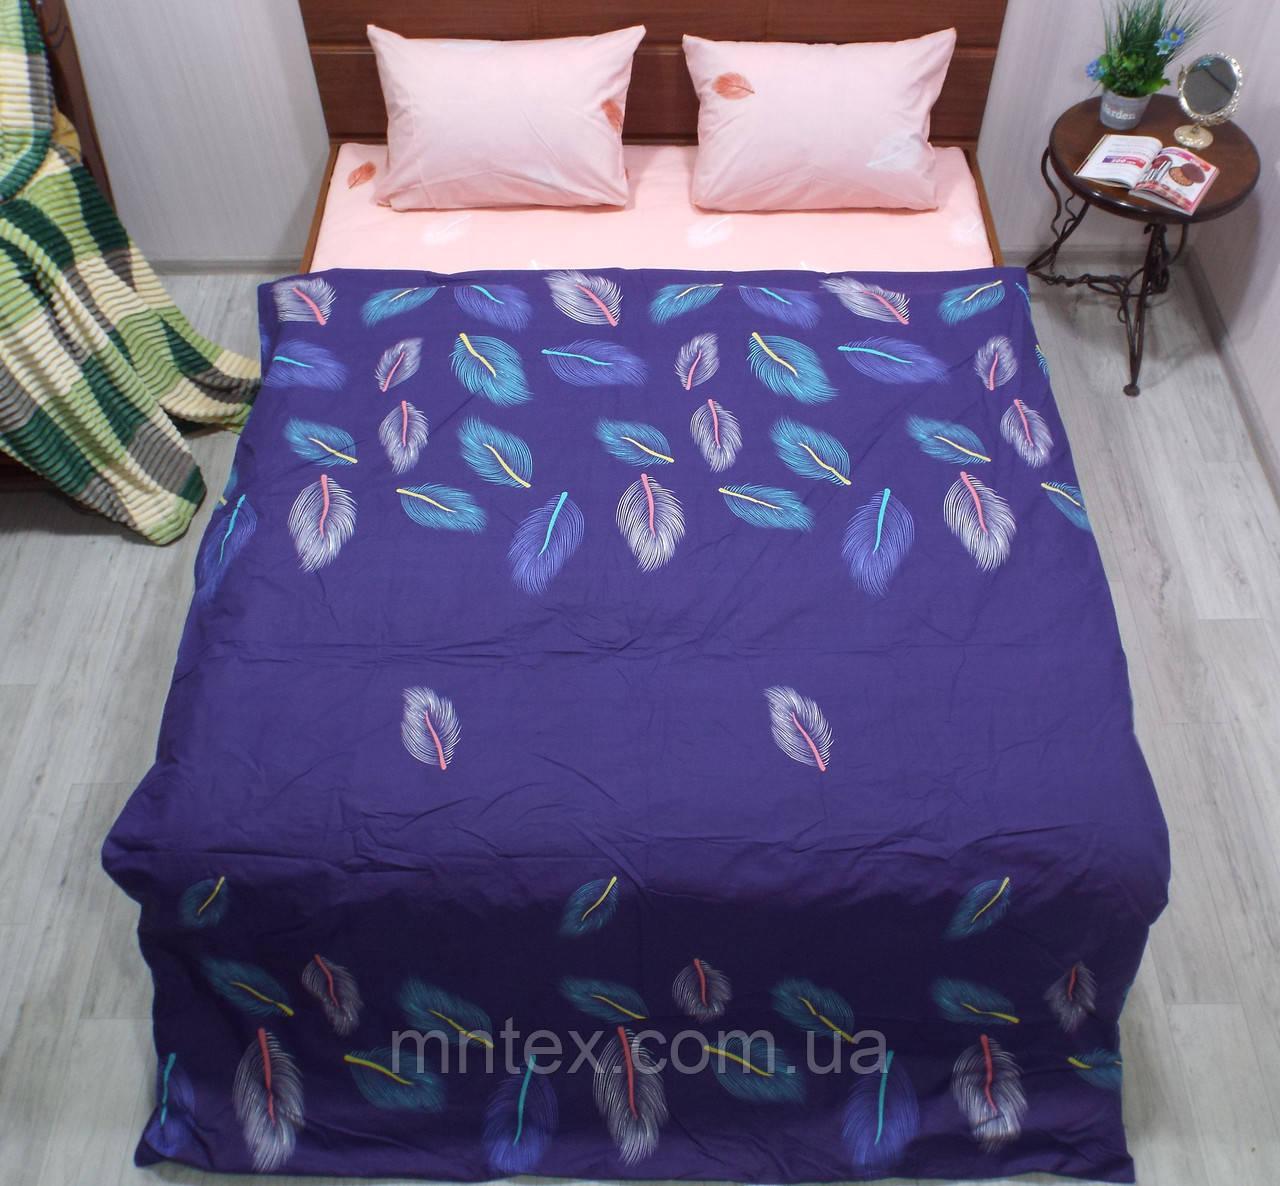 Комплект постельного белья бязь Голд Павлин